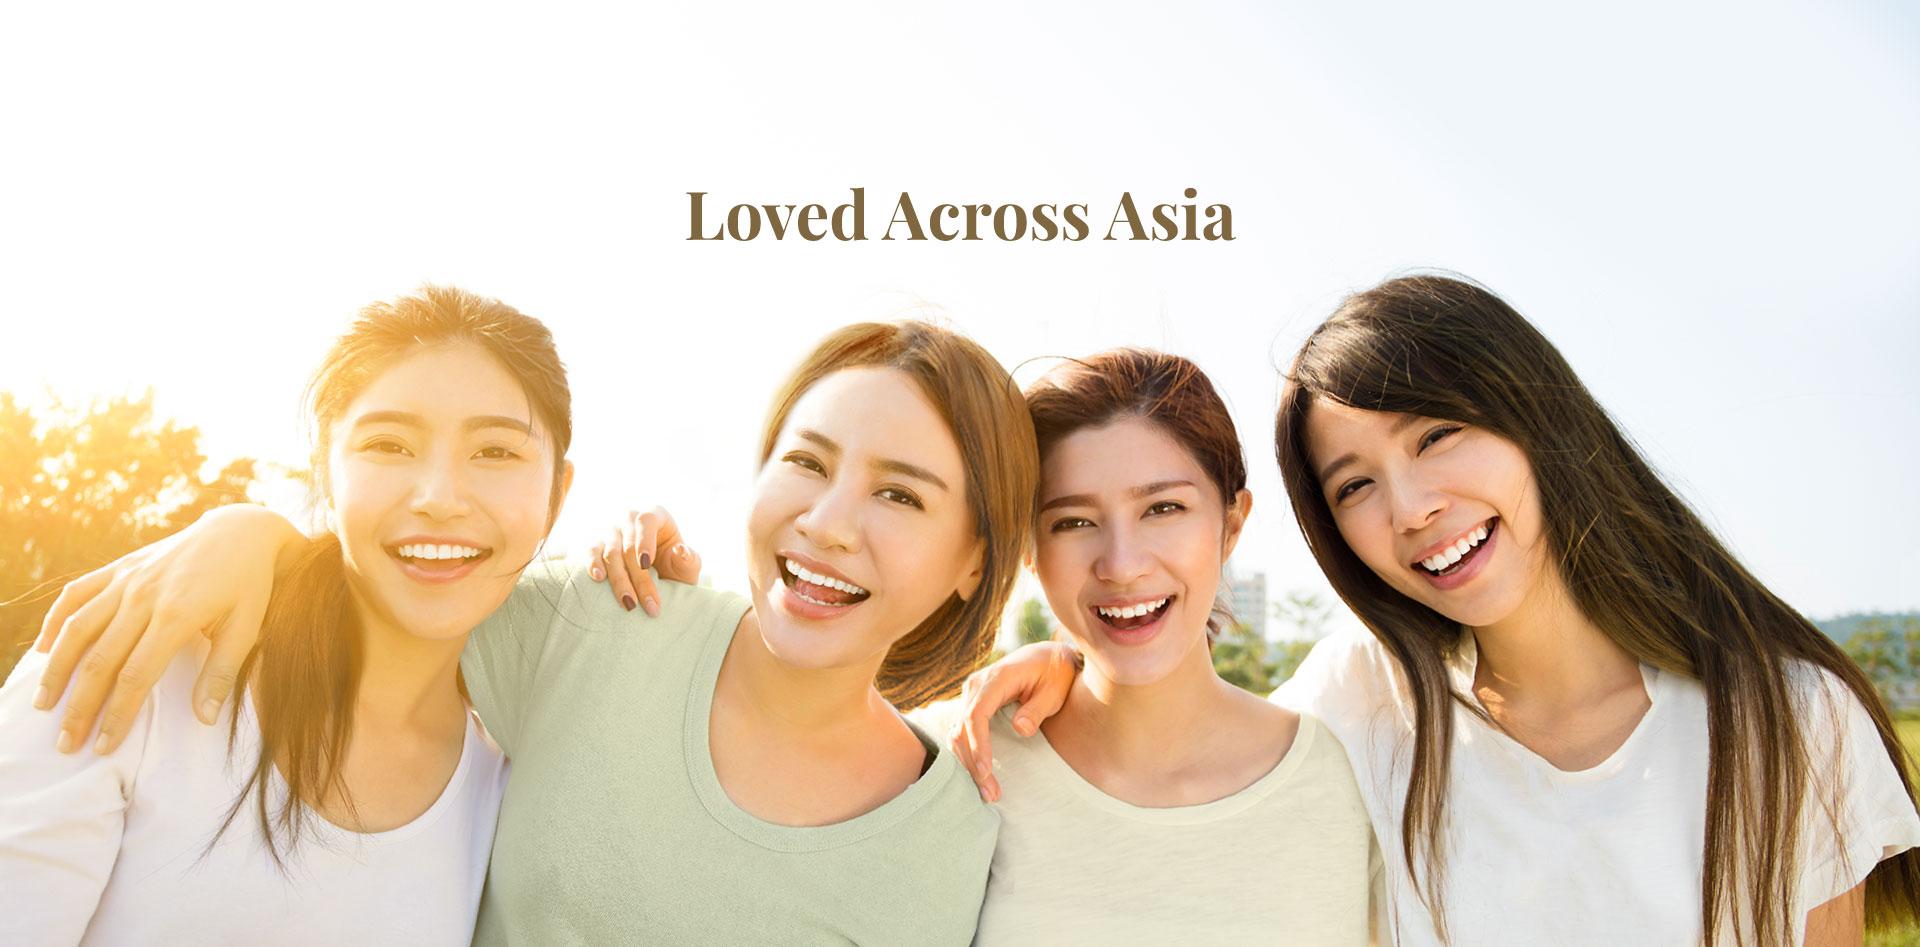 Loved across asia